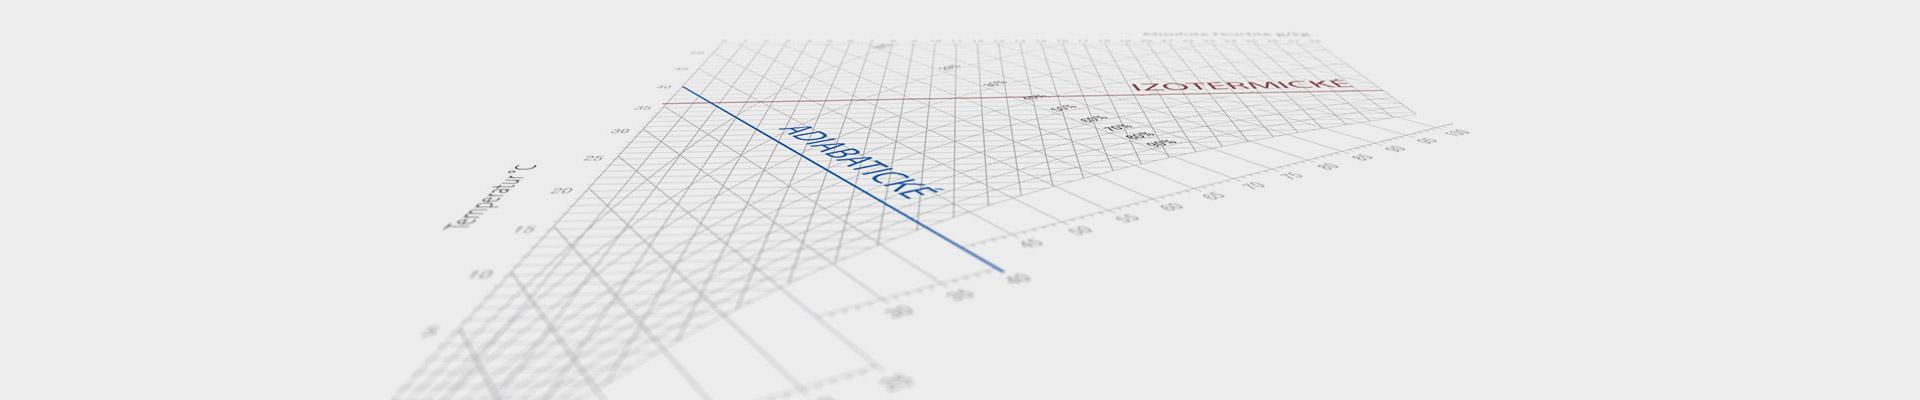 hx graf